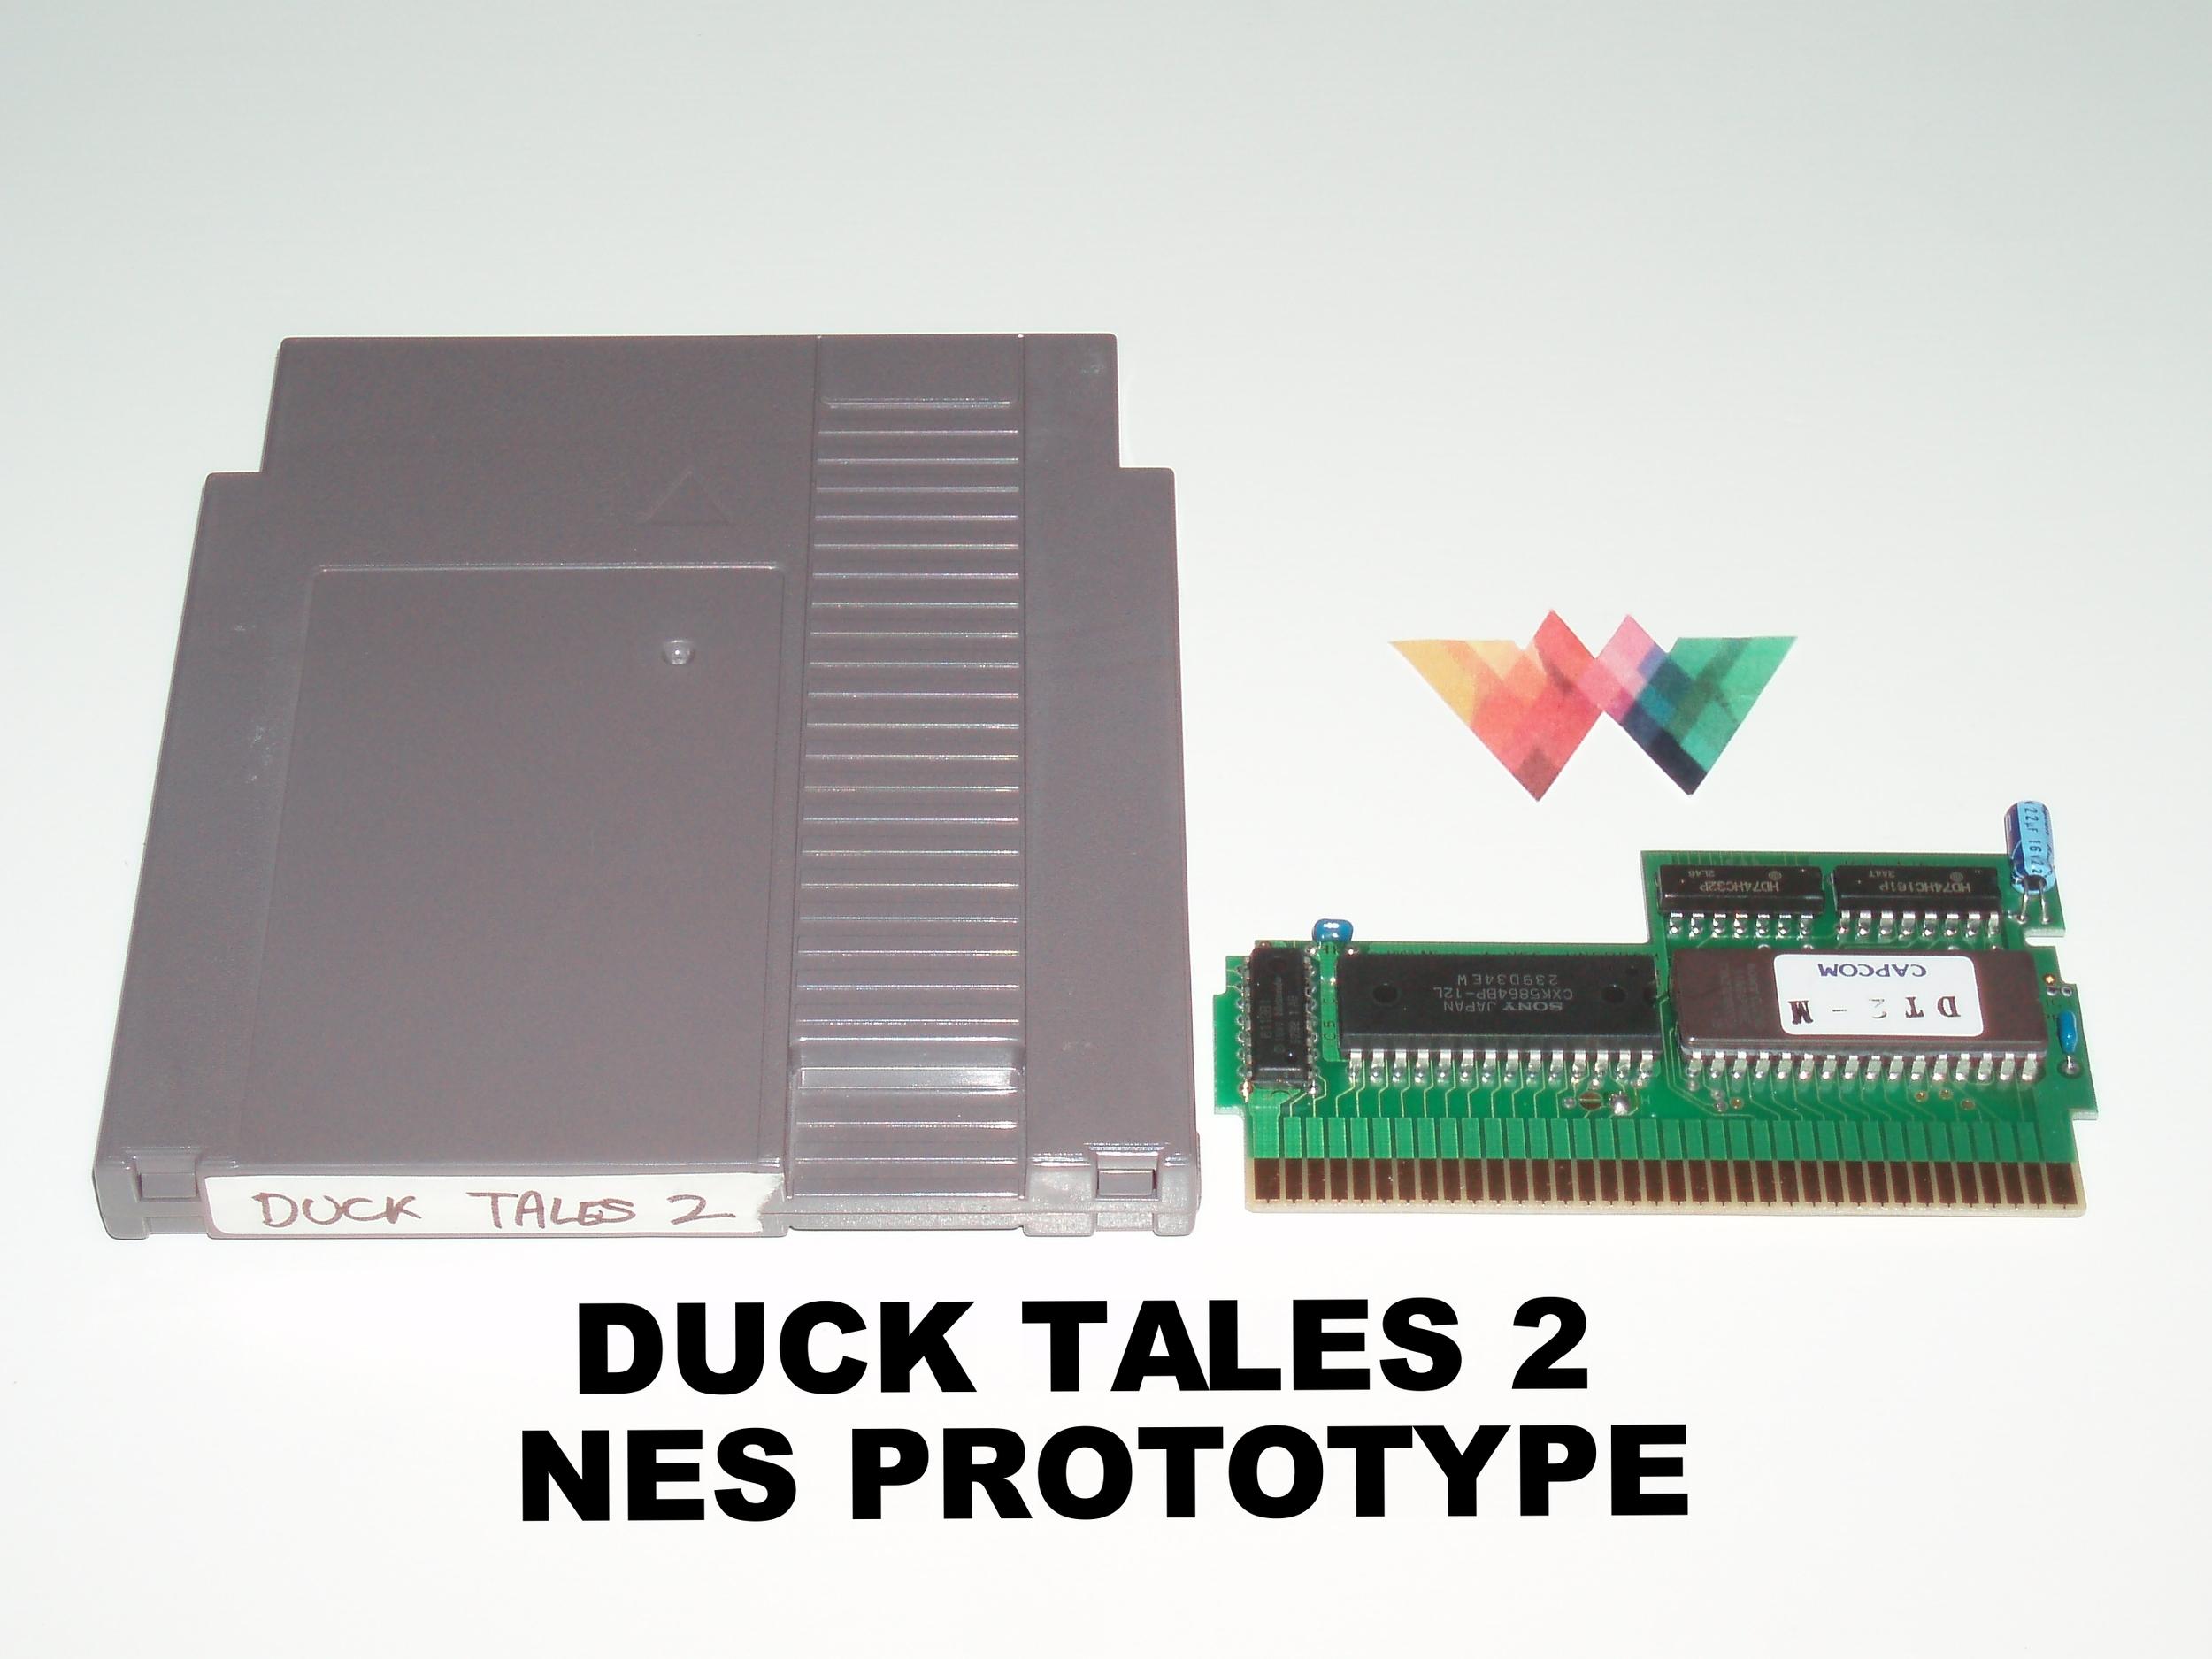 DuckTales 2 Prototype